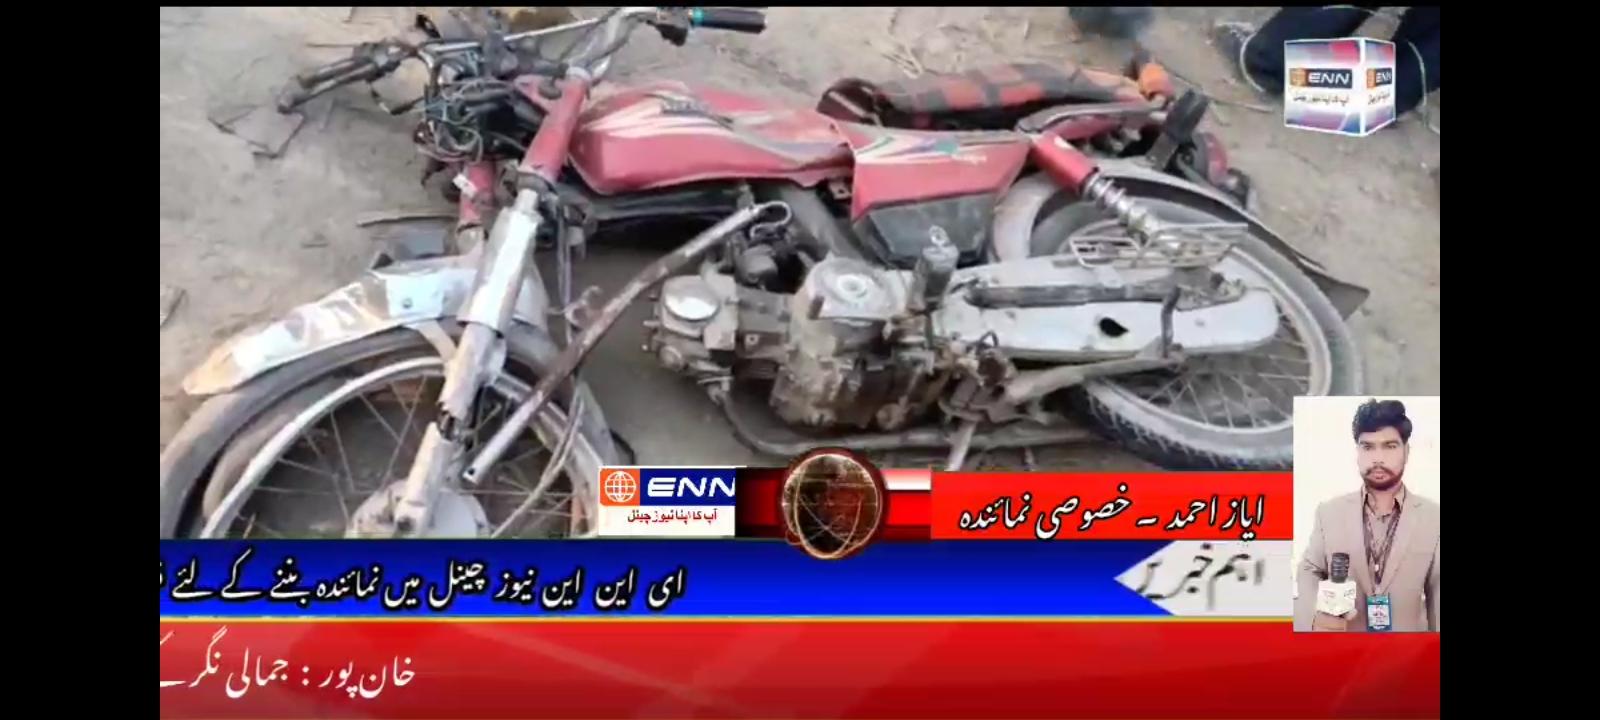 خان پور : جمالی نگر کے قریب موٹر سائیکل اور اے پی وی میں تصادم